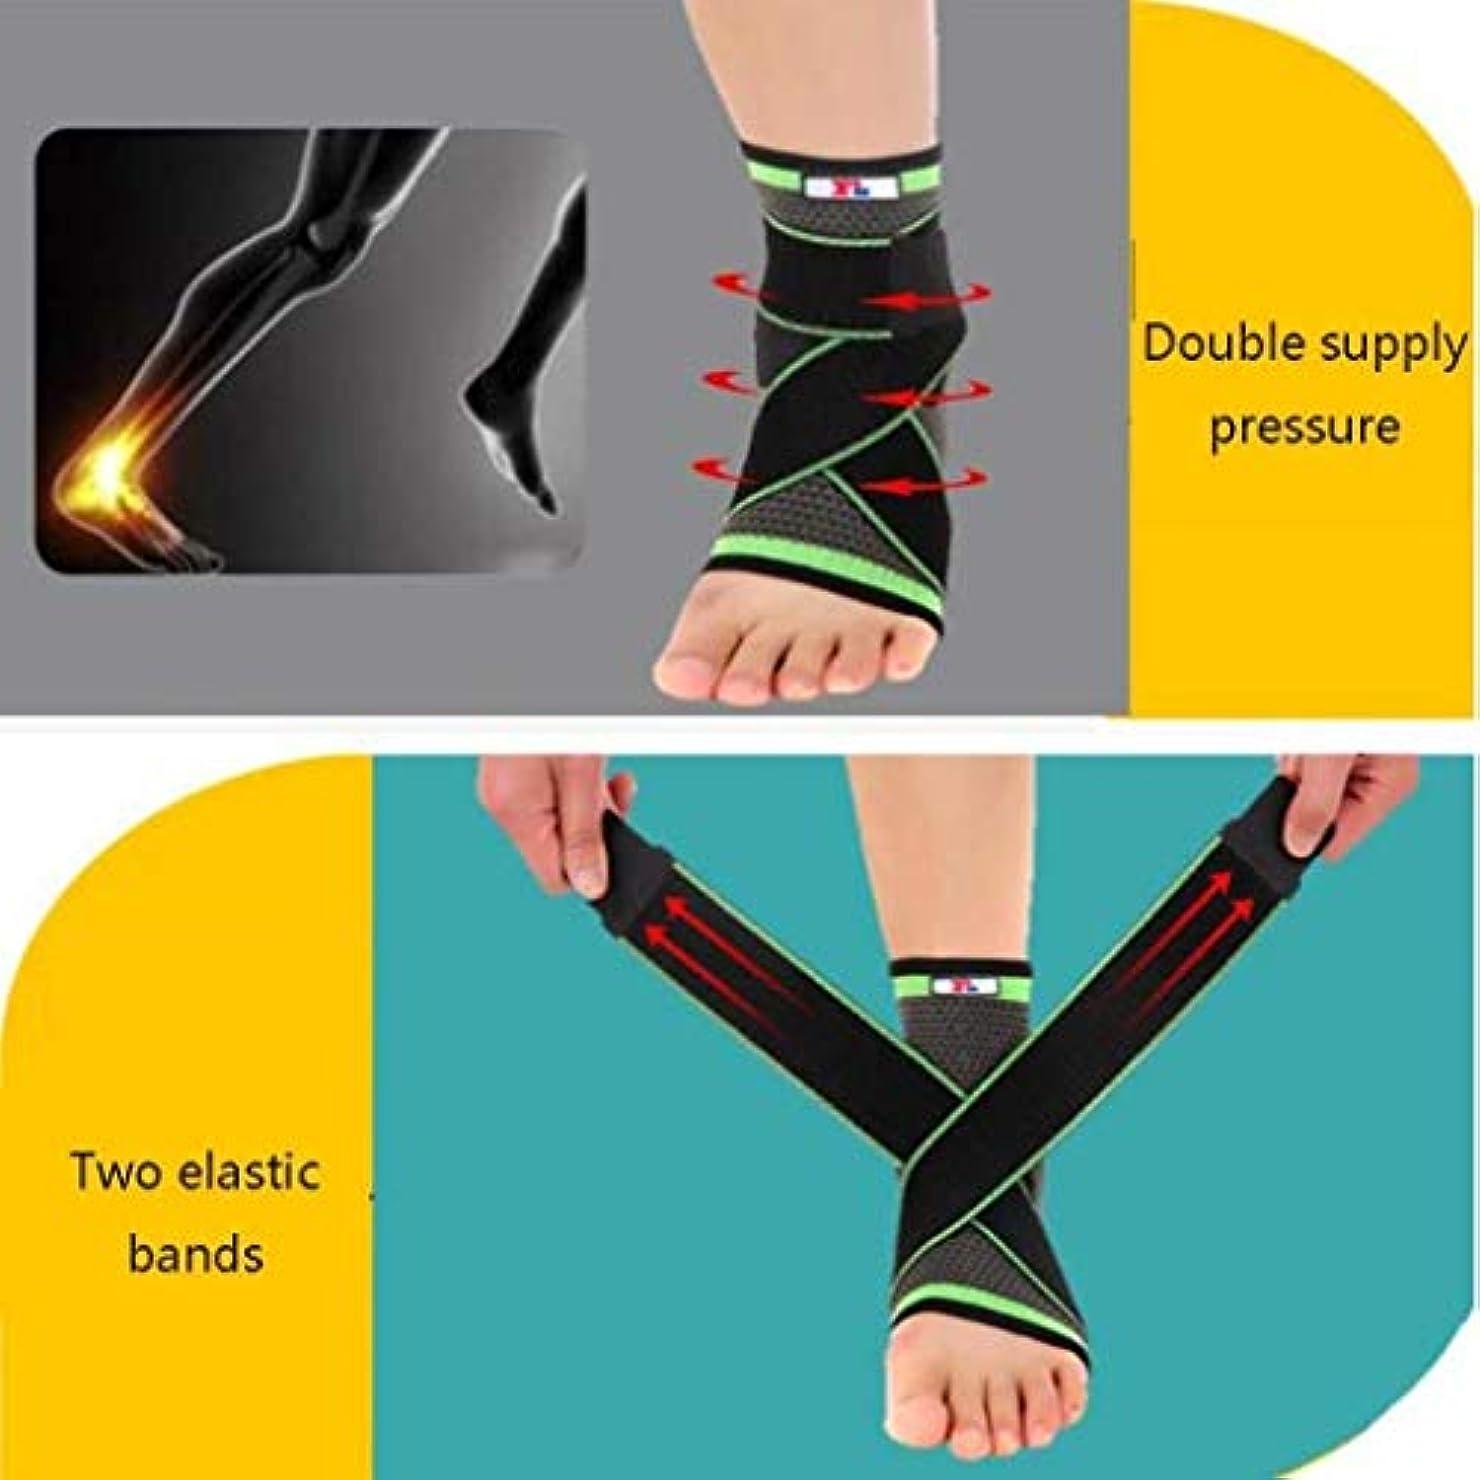 悪性歩き回る効果圧縮足首サポートスリーブ、ユニセックスの痛みの軽減、足底筋膜炎、関節炎、回復、弱い、足首の怪我のための医療通気性足首ブレース弾性薄い足ケアスリーブソックス (Color : As Picture, Size : L)